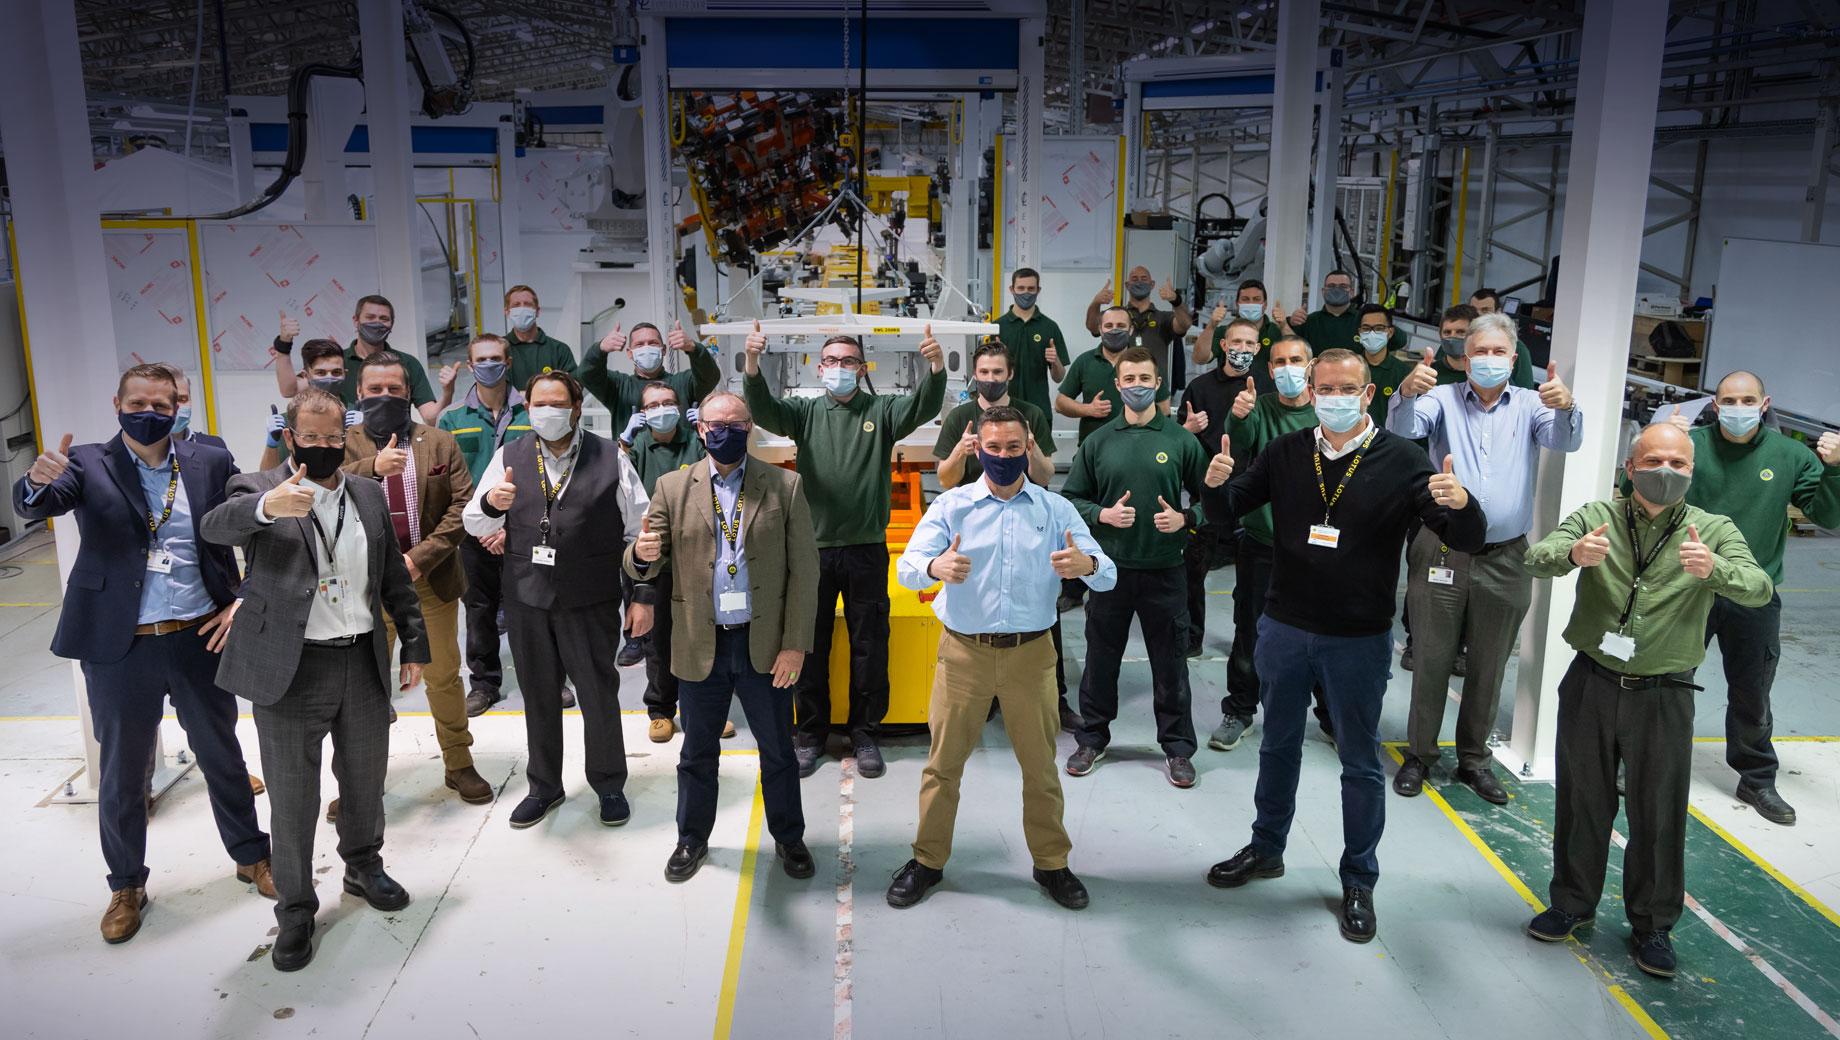 Lotus emira. Команда Лотуса во главе с Мэттом Виндлом радуется старту производства Эмиры, скрывая саму виновницу торжества. Впрочем, для радости есть и другие поводы. Под крылом Geely штат почти удвоился, а Emira создала более 200 рабочих мест. Идёт набор персонала.